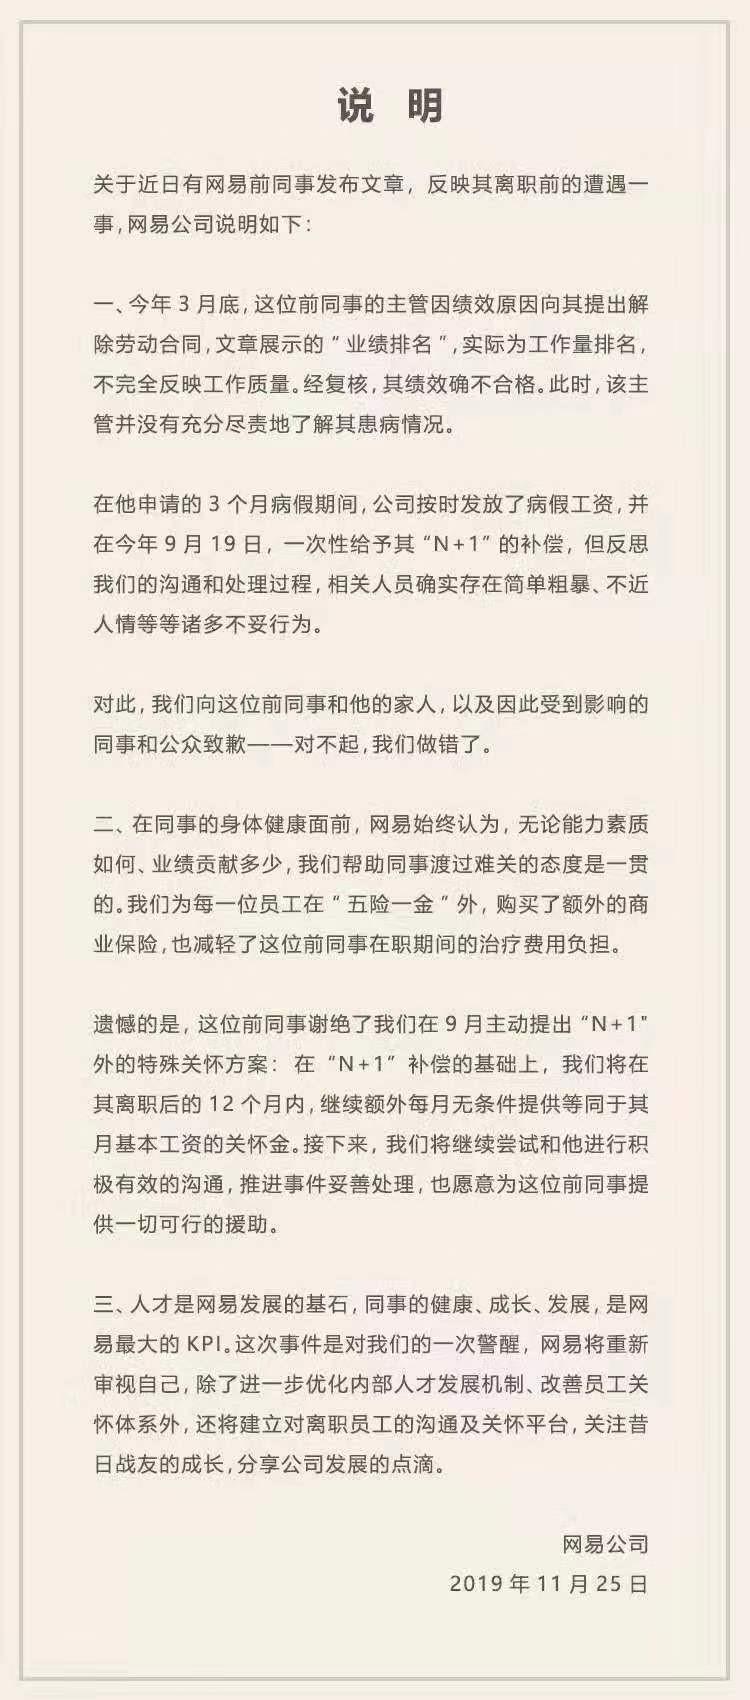 足球投注系统计画书,2019上海国际汽车零配件展开幕 跨境进口电商助力汽配出海